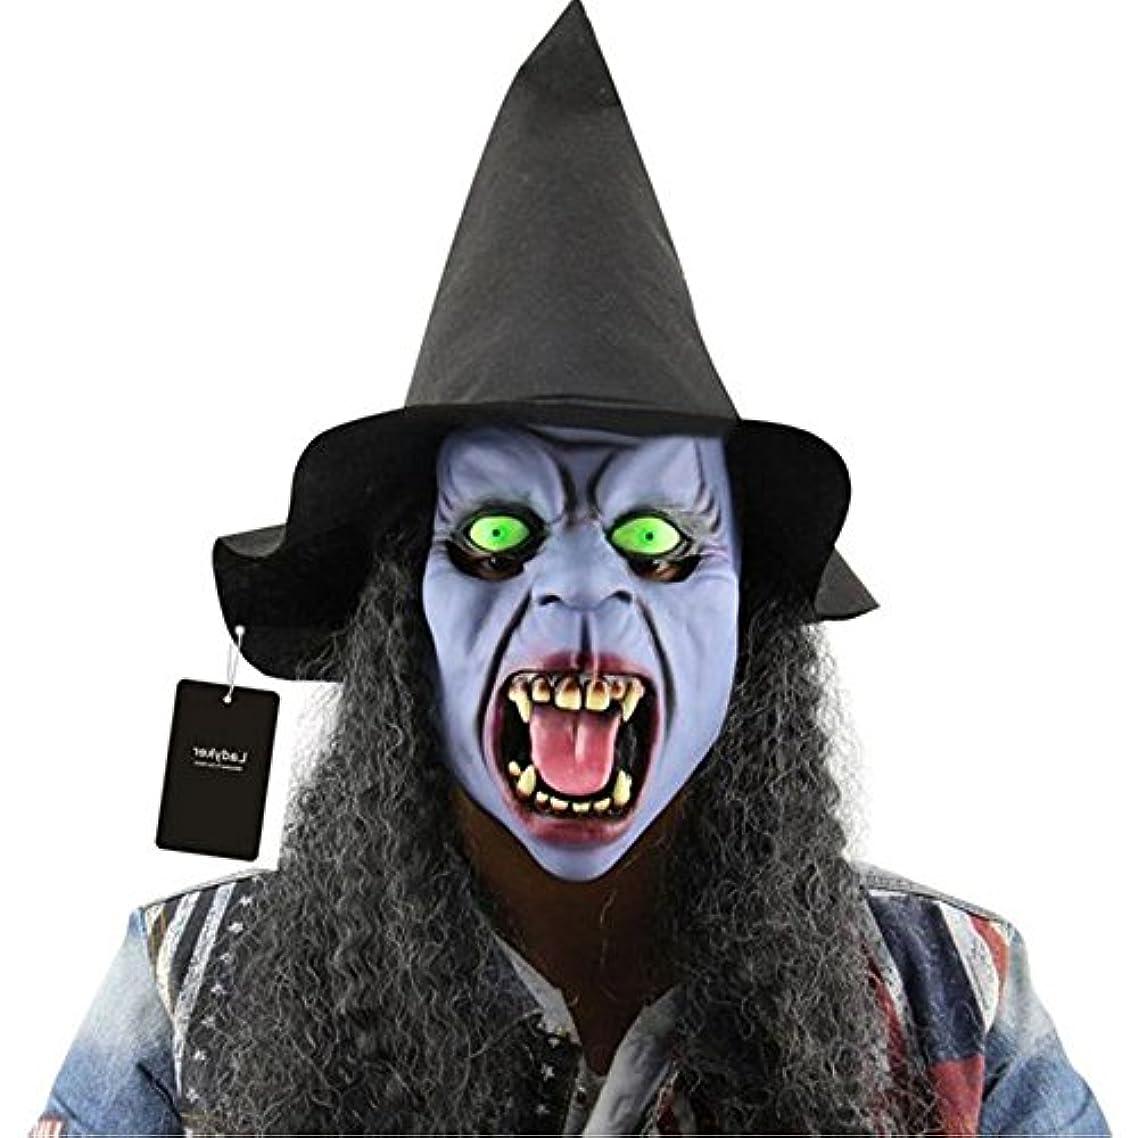 バッジ財団愛するAuntwhale ハロウィーンマスク大人恐怖コスチューム、ホラー夜の魔女ファンシーマスカレードパーティハロウィンマスク、フェスティバル通気性ギフトヘッドマスク